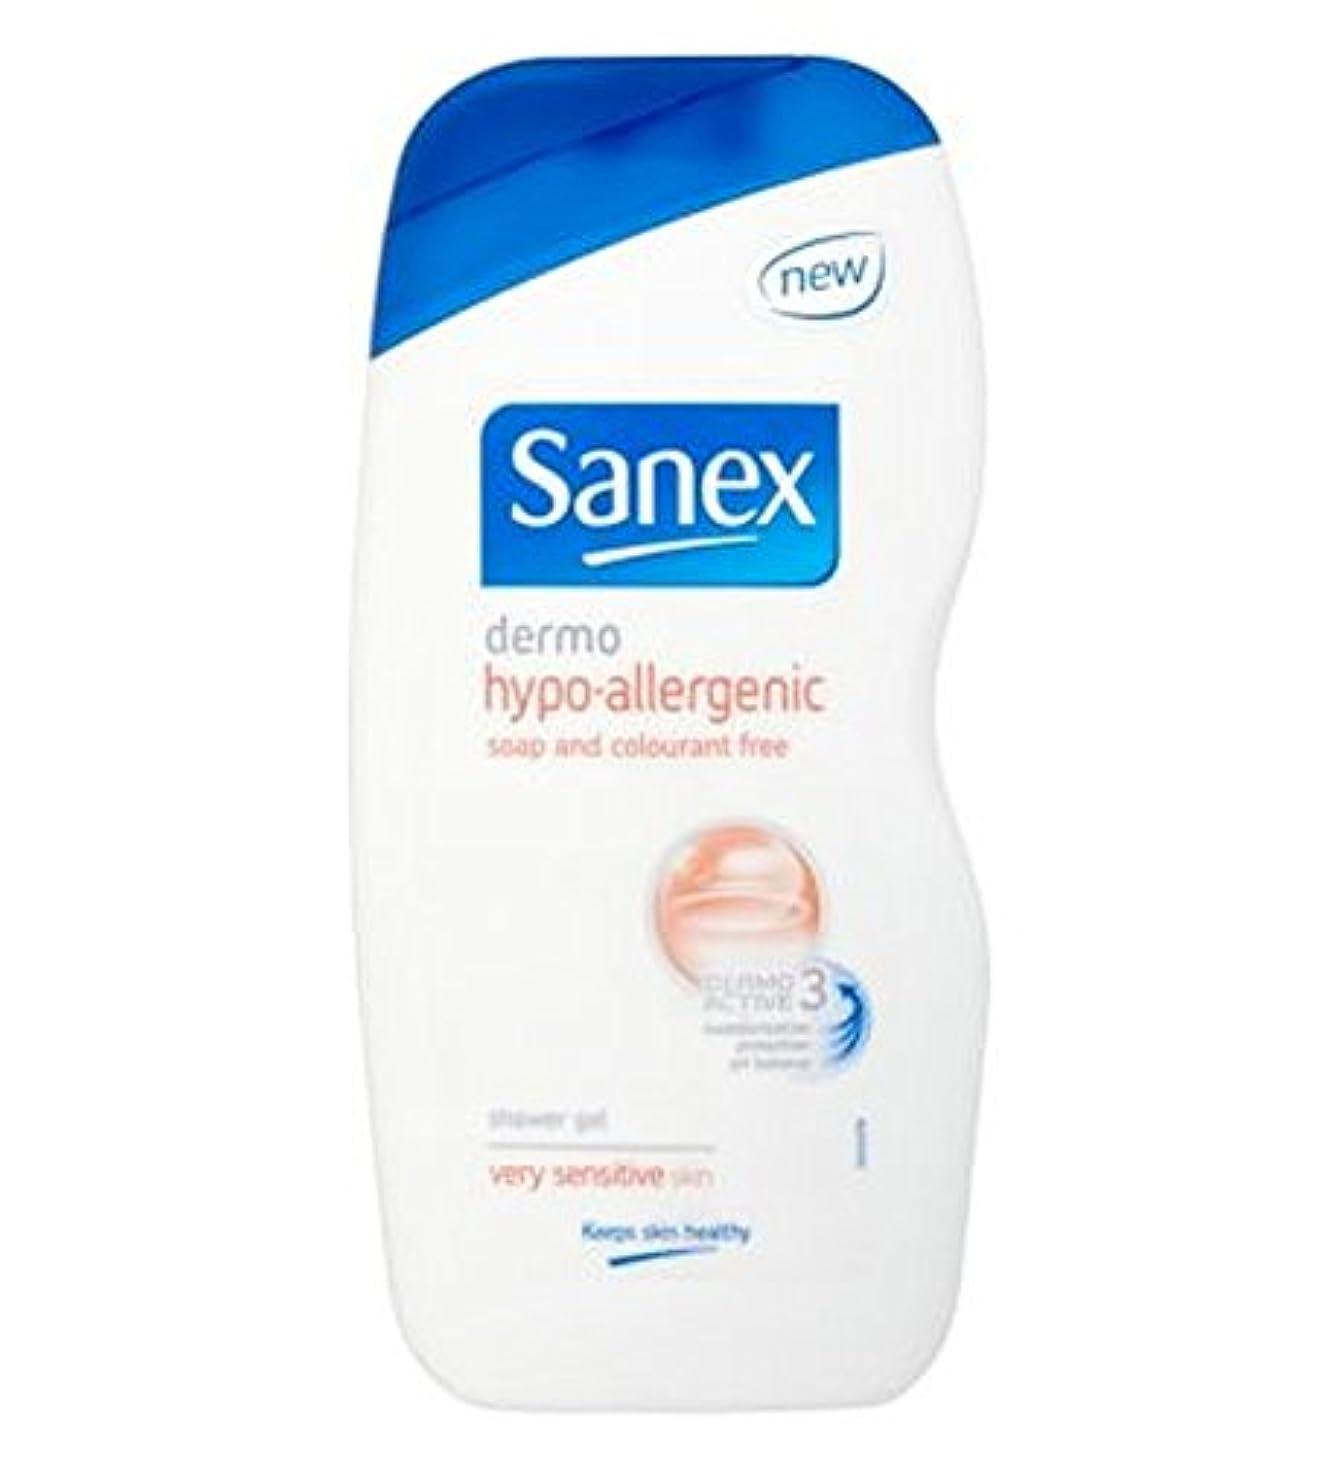 によってチート守るSanex Hypoallergenic Shower Gel 500ml - Sanex低刺激性のシャワージェル500ミリリットル (Sanex) [並行輸入品]